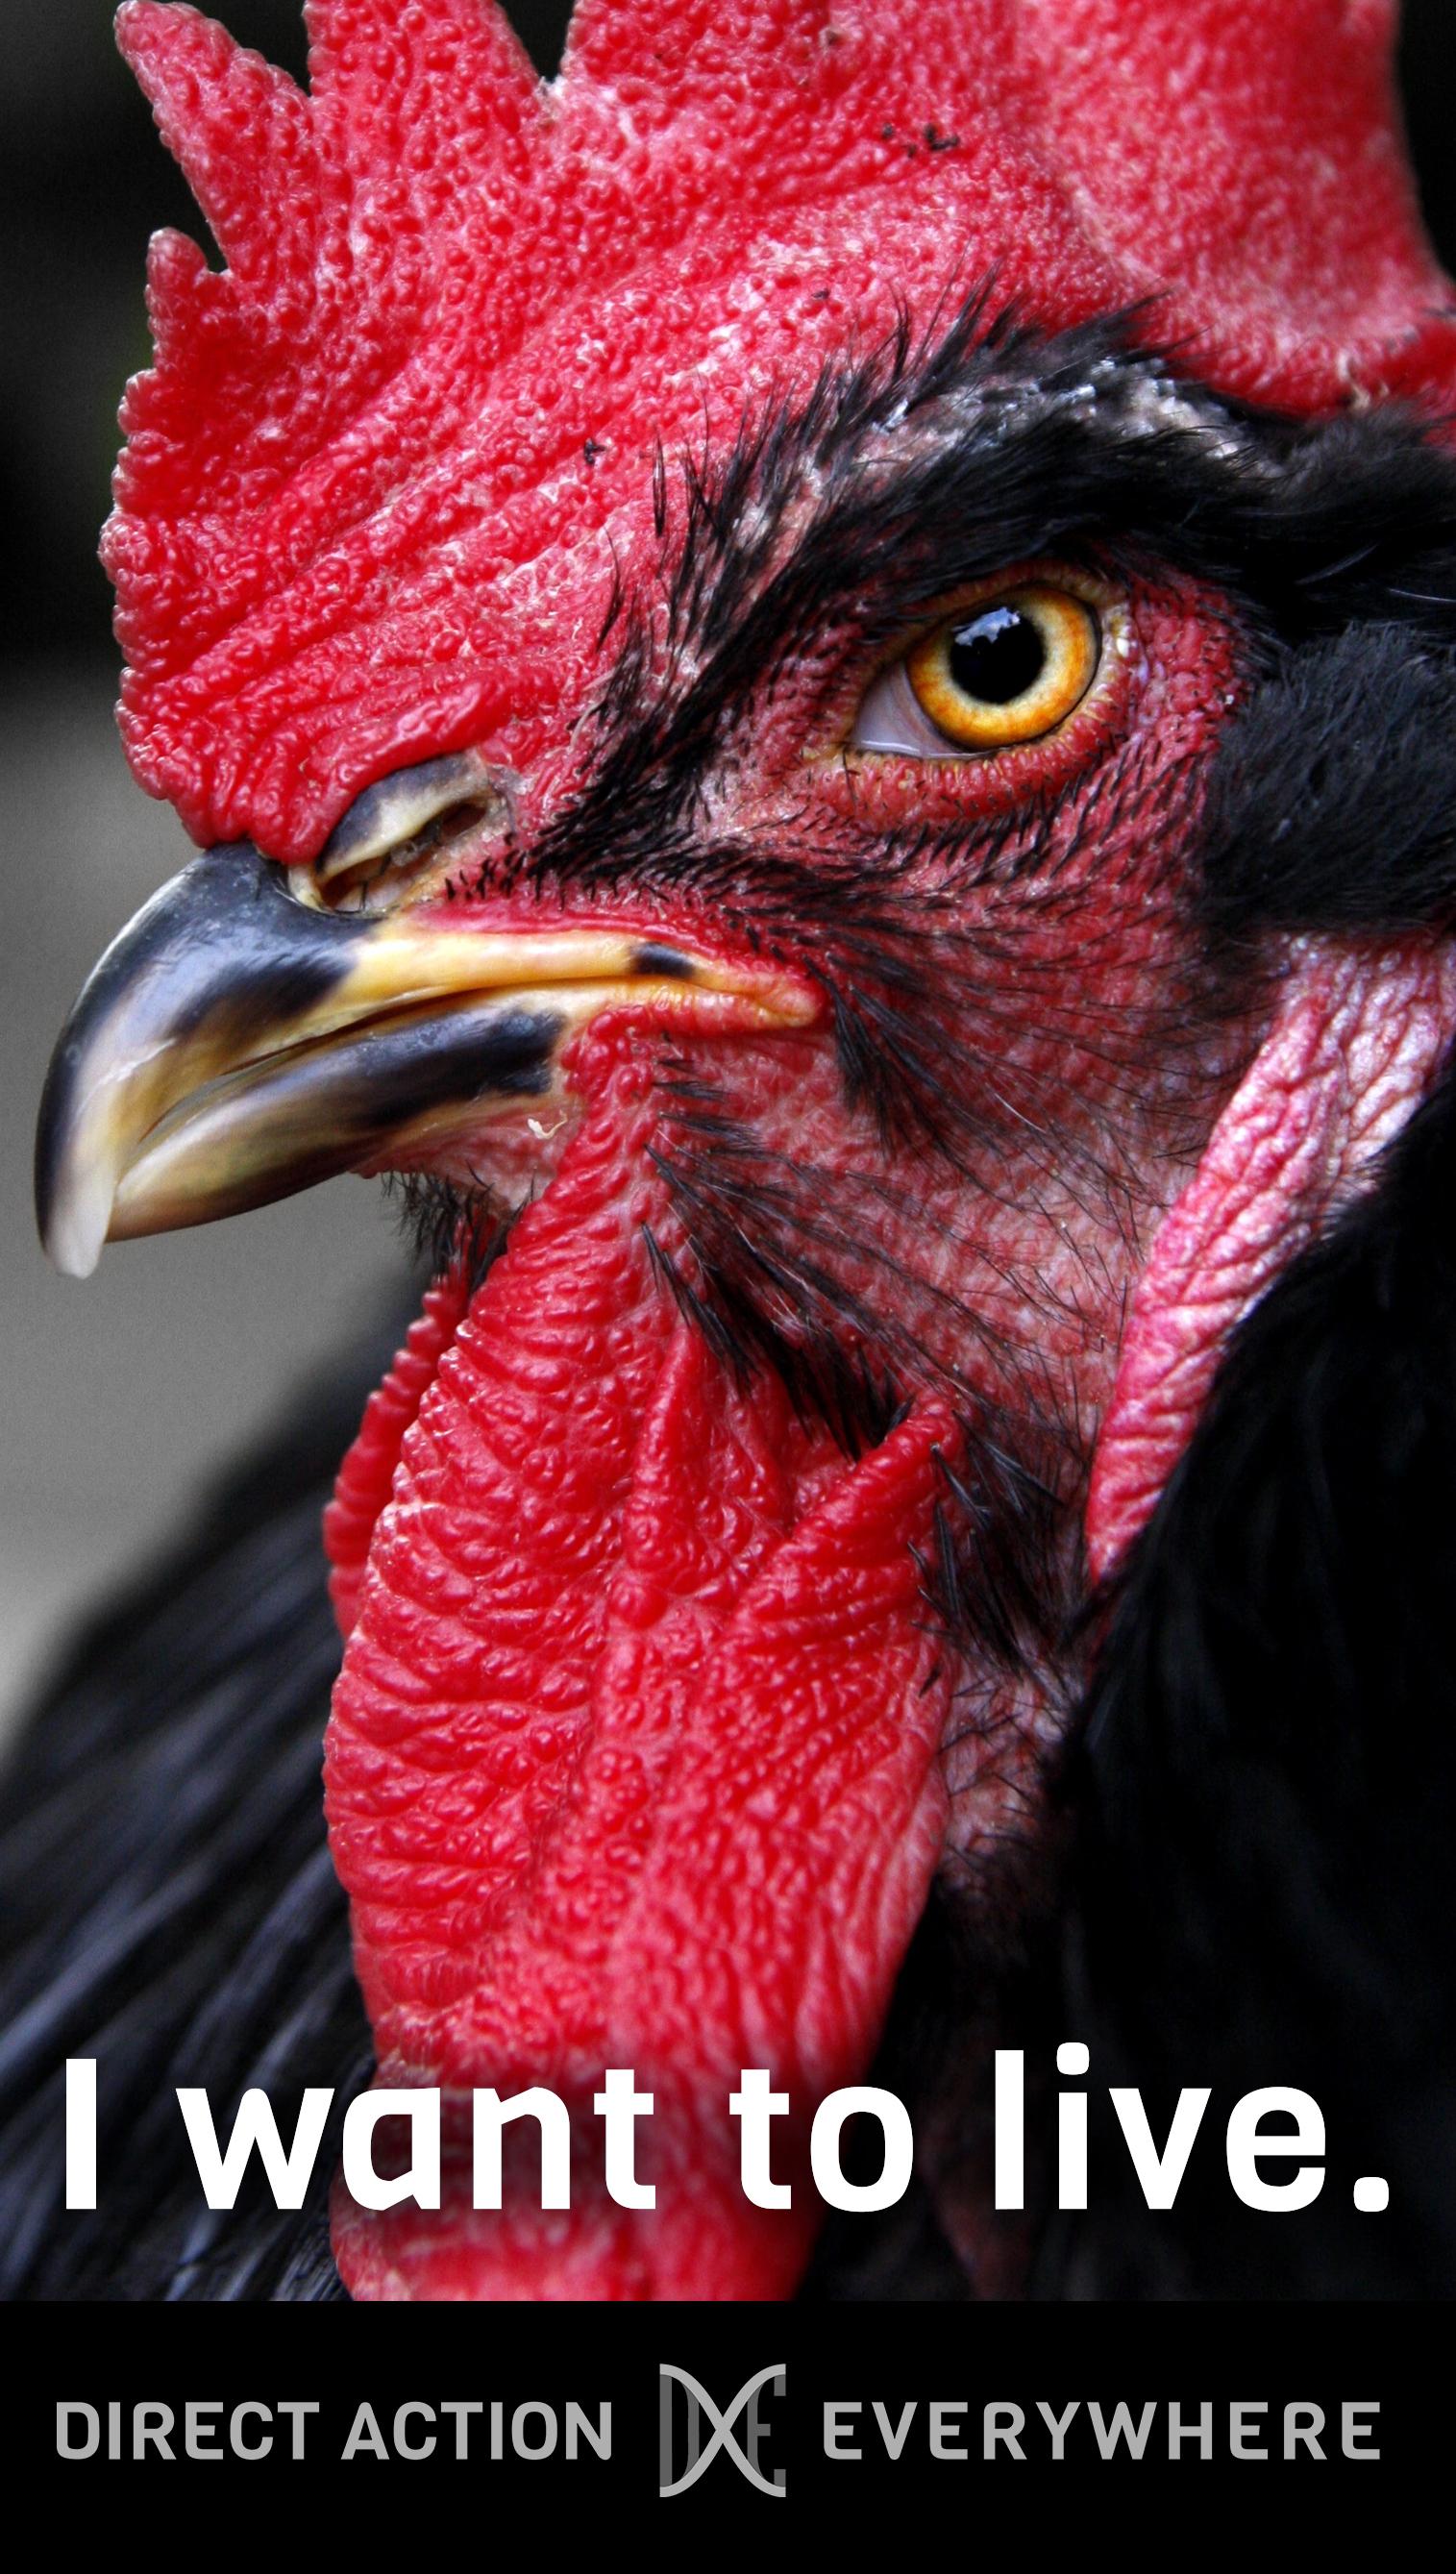 iwanttolive_chicken2.jpg